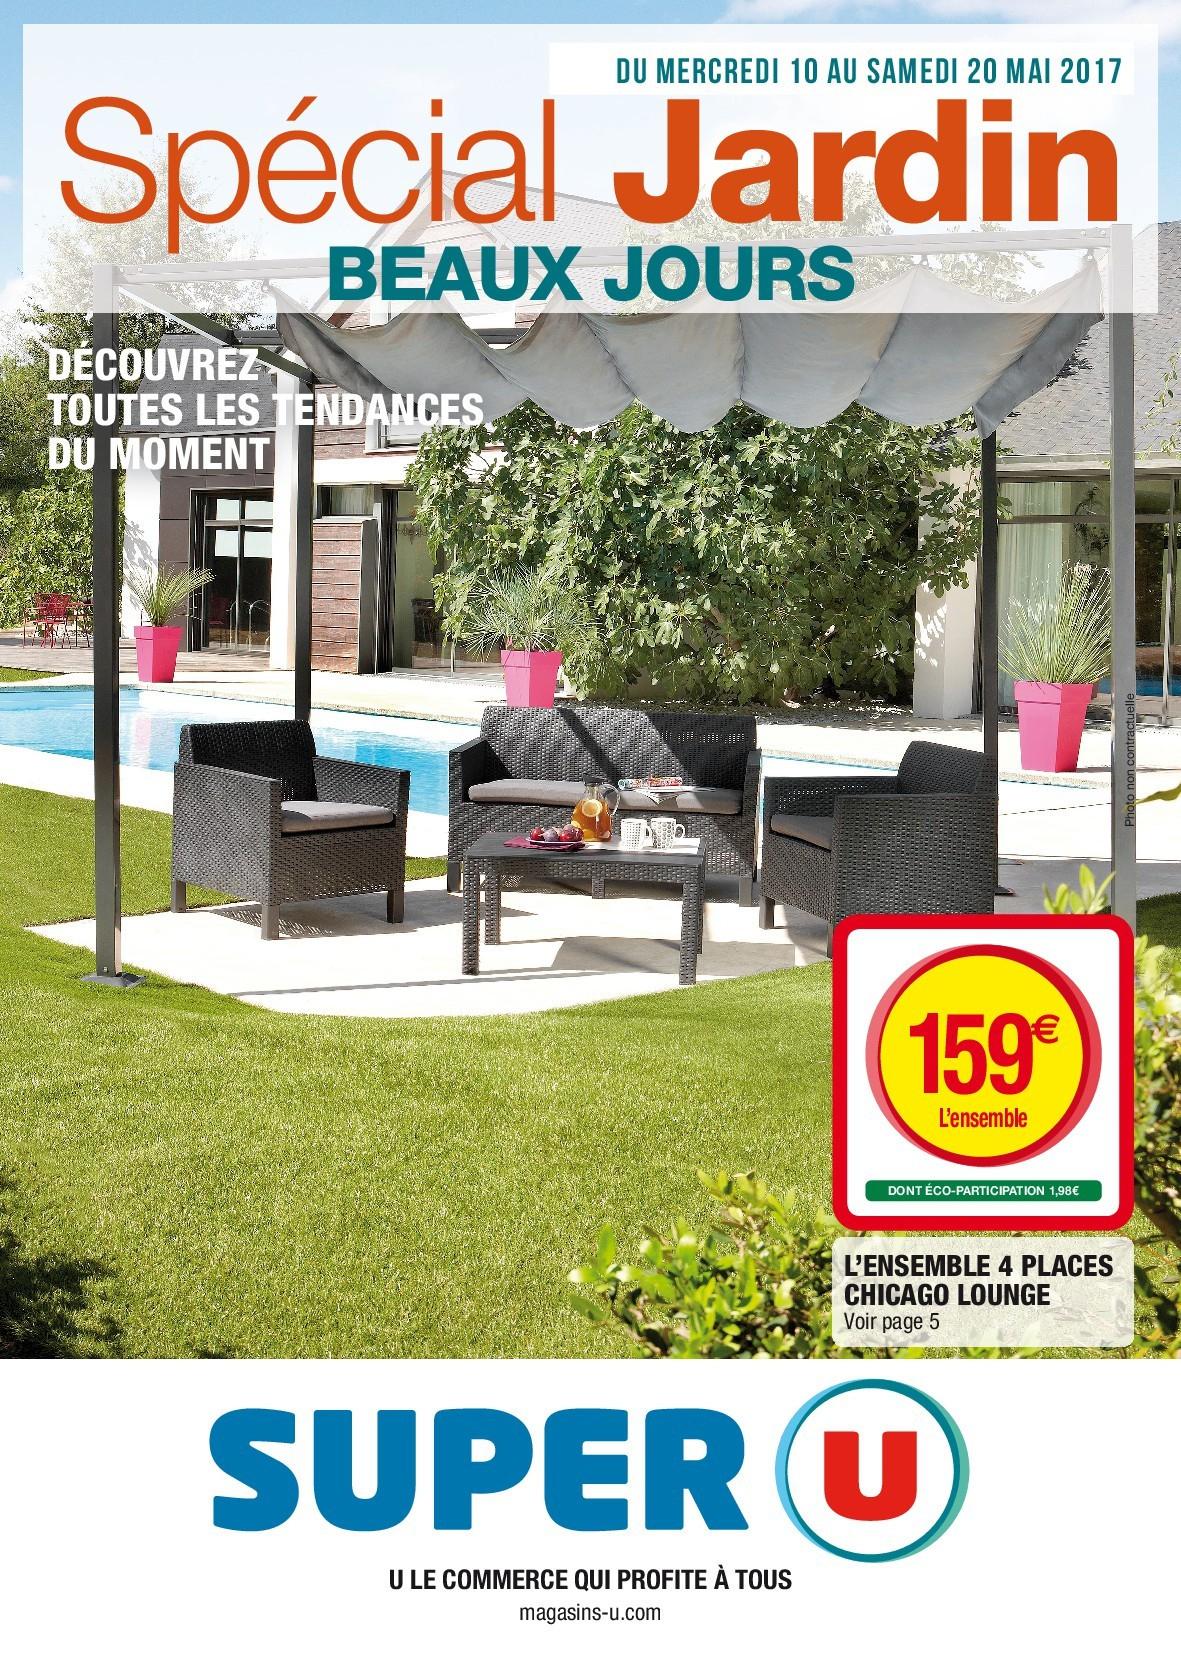 Chaise De Jardin Super U Beau Photos Salon De Jardin Super U 149 Ainsi Que Regard solennel Super U top